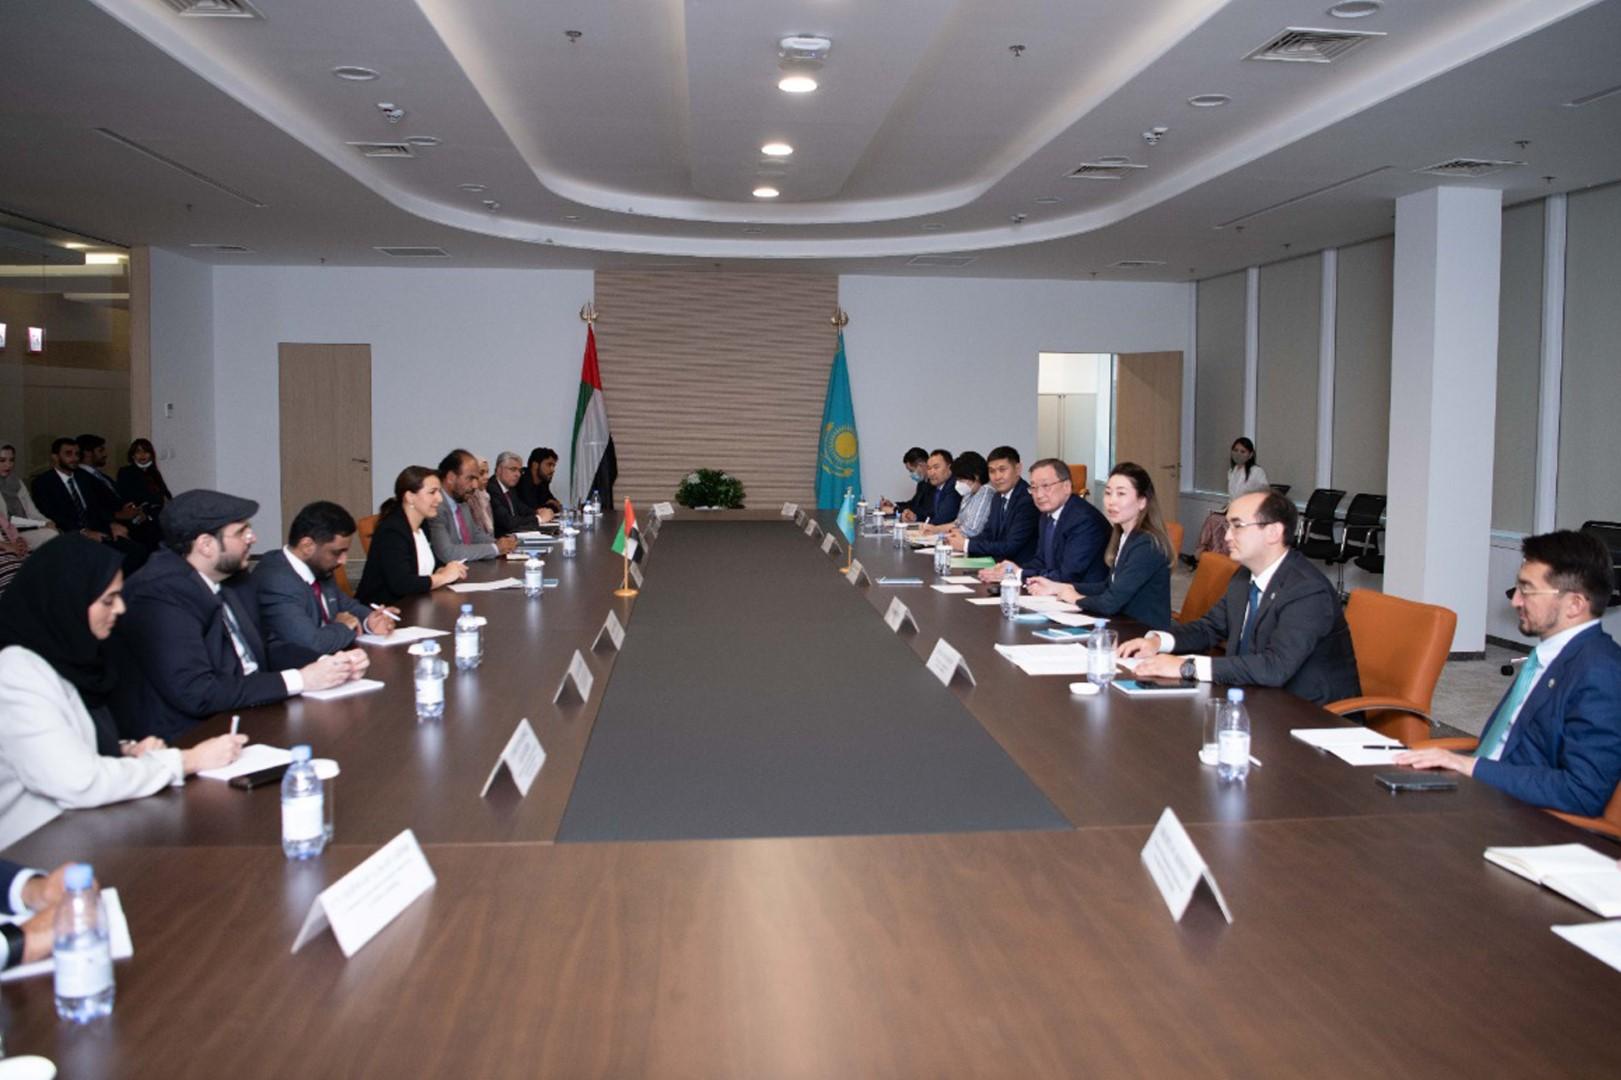 خلال زيارتها كازاخستان.. مريم المهيري توقع اتفاقية تعاون مع المنظمة الإسلامية للأمن الغذائي